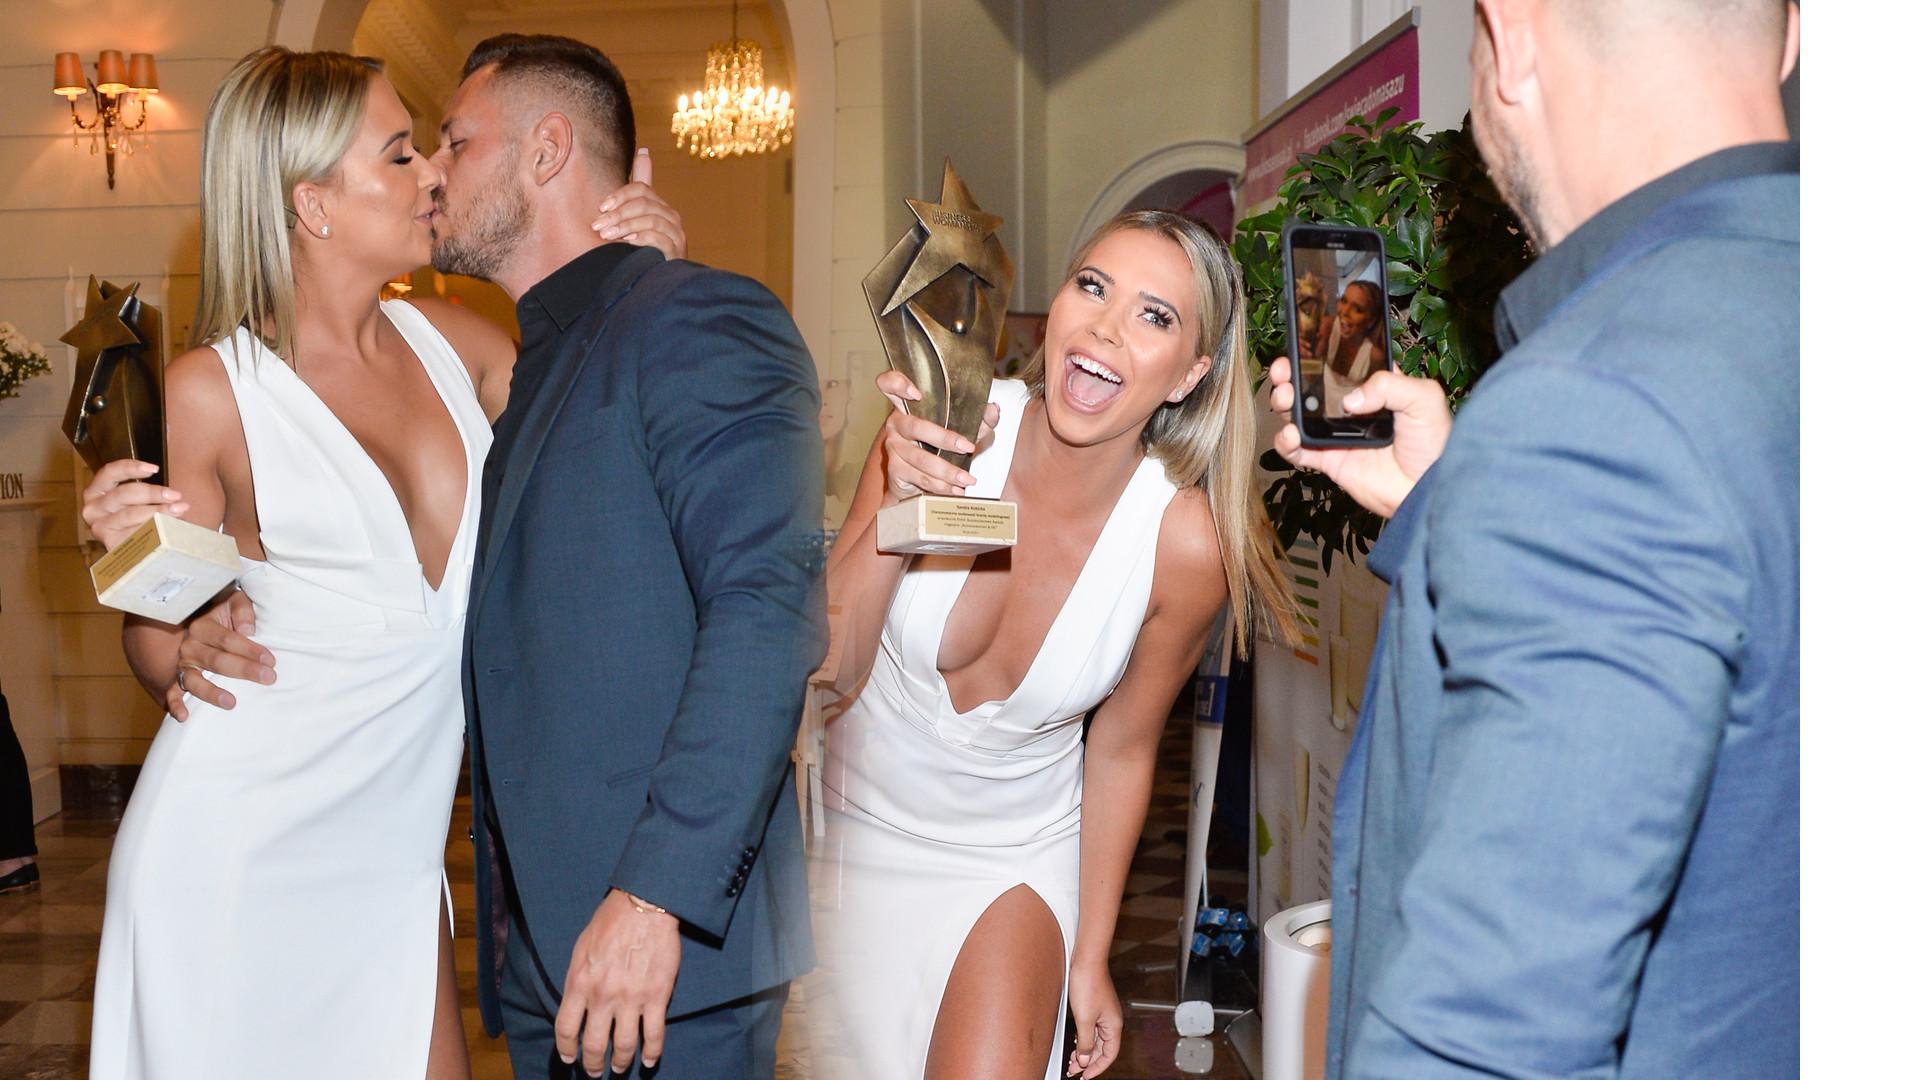 Sandra Kubicka całuje się na imprezie ze swoim chłopakiem (ZDJĘCIA)